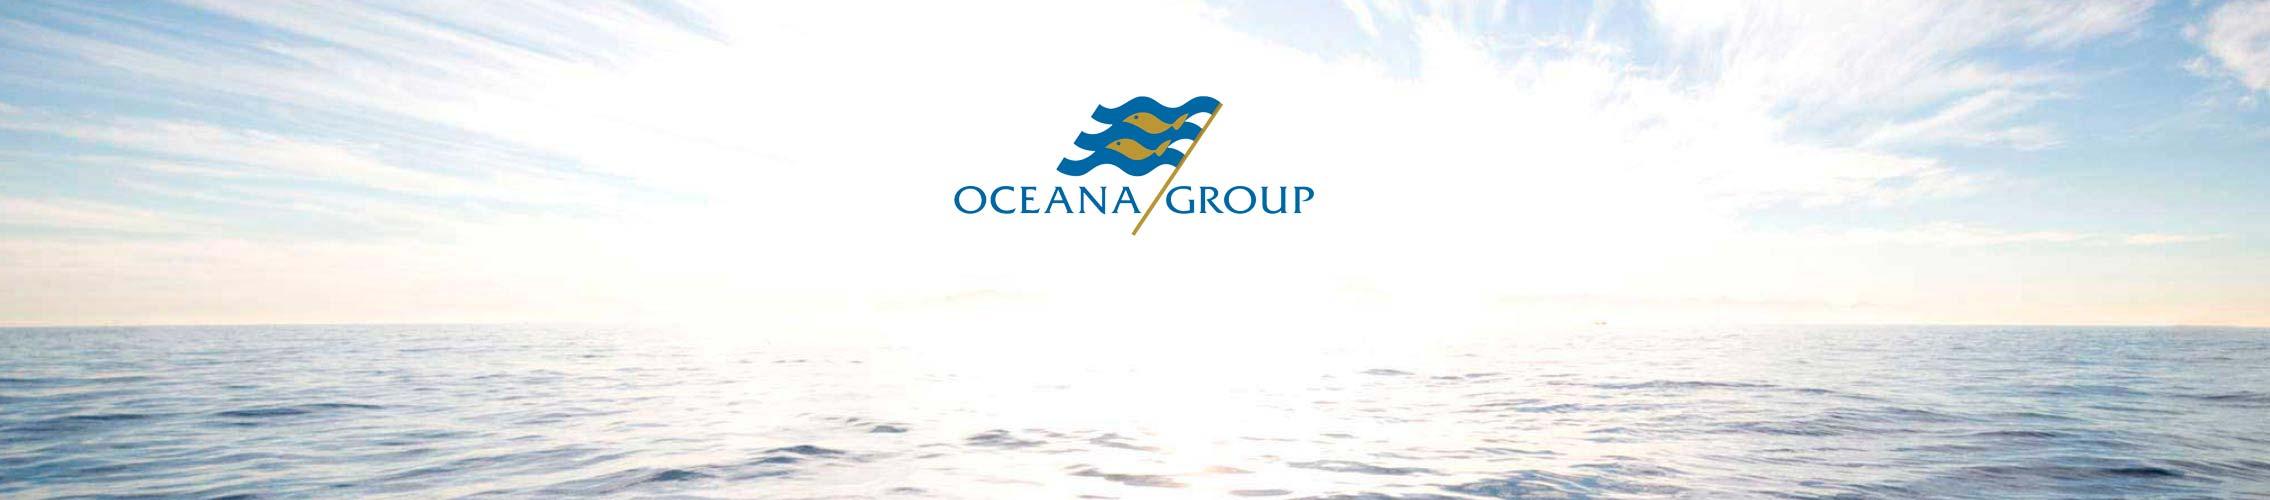 Oceana banner 2